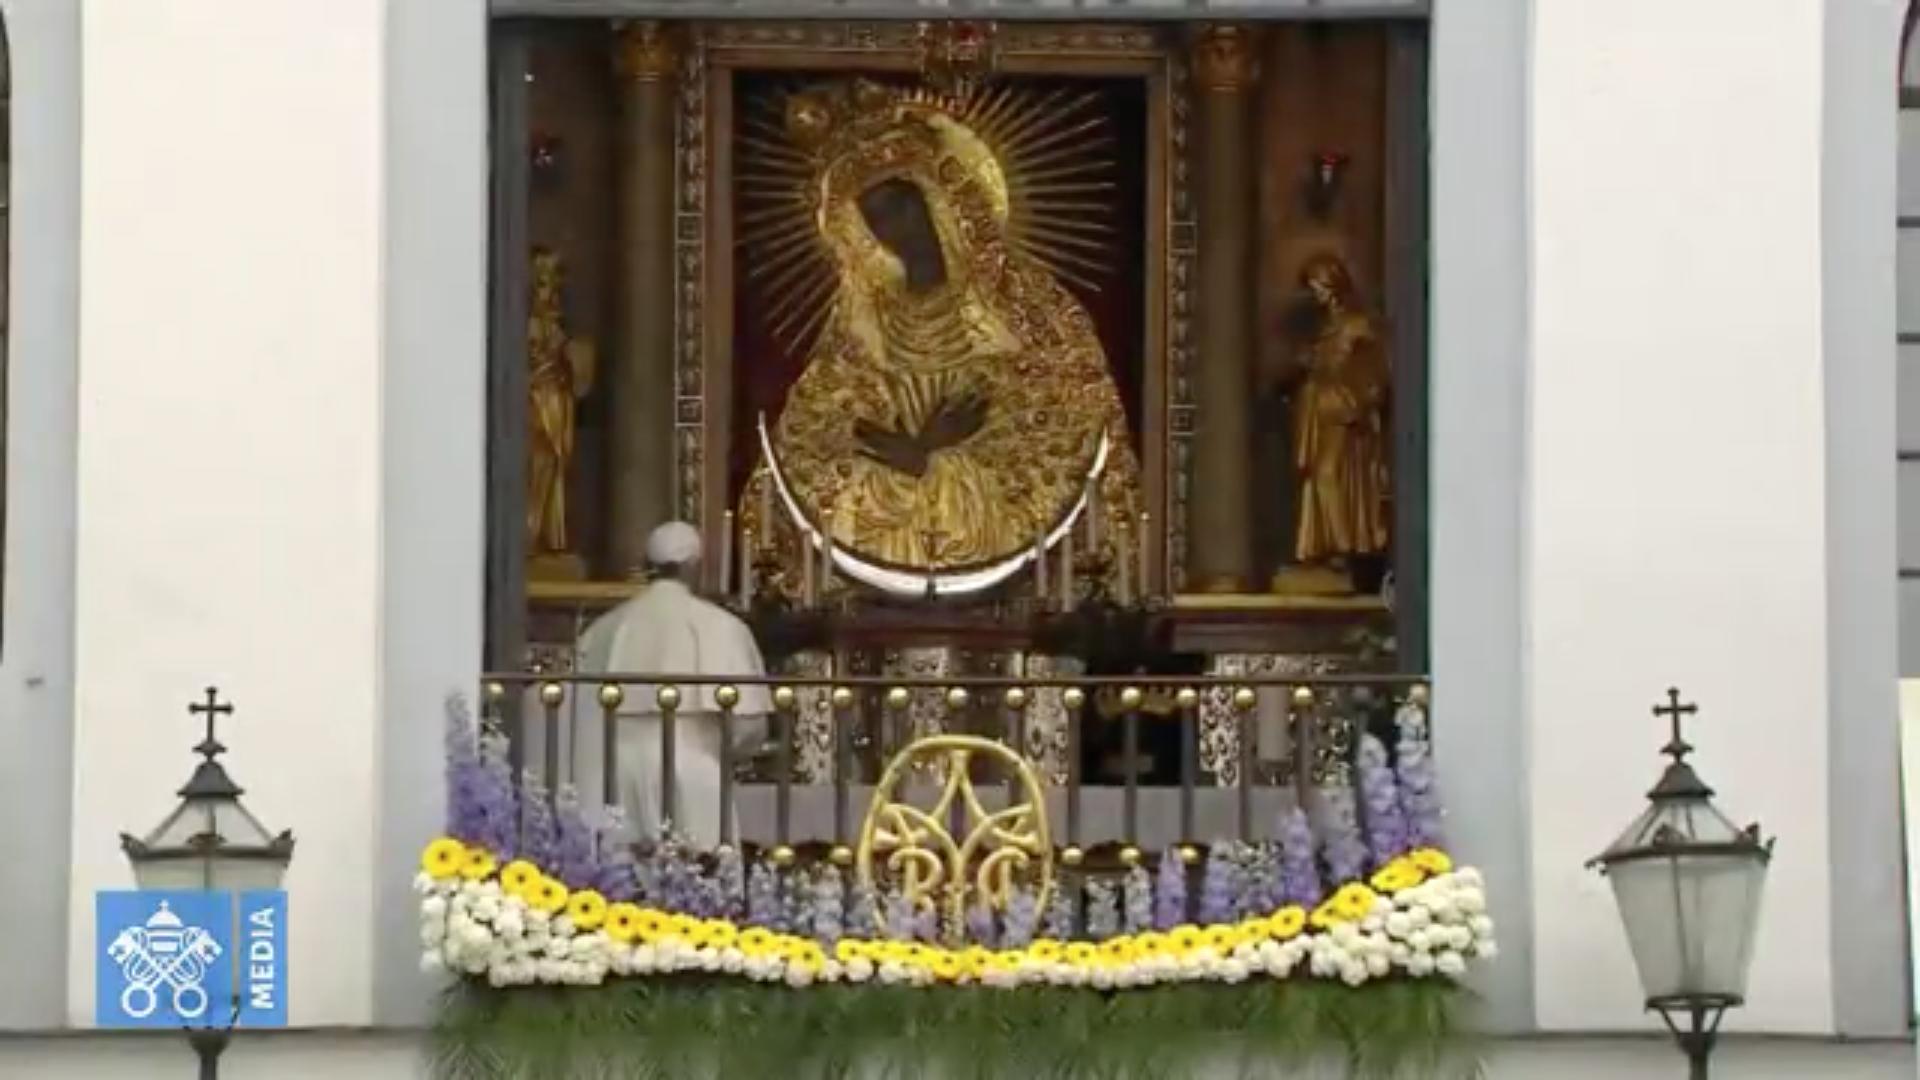 Chapelet, à la Porte de l'Aurore (Vilnius, 2018) @ Vatican News